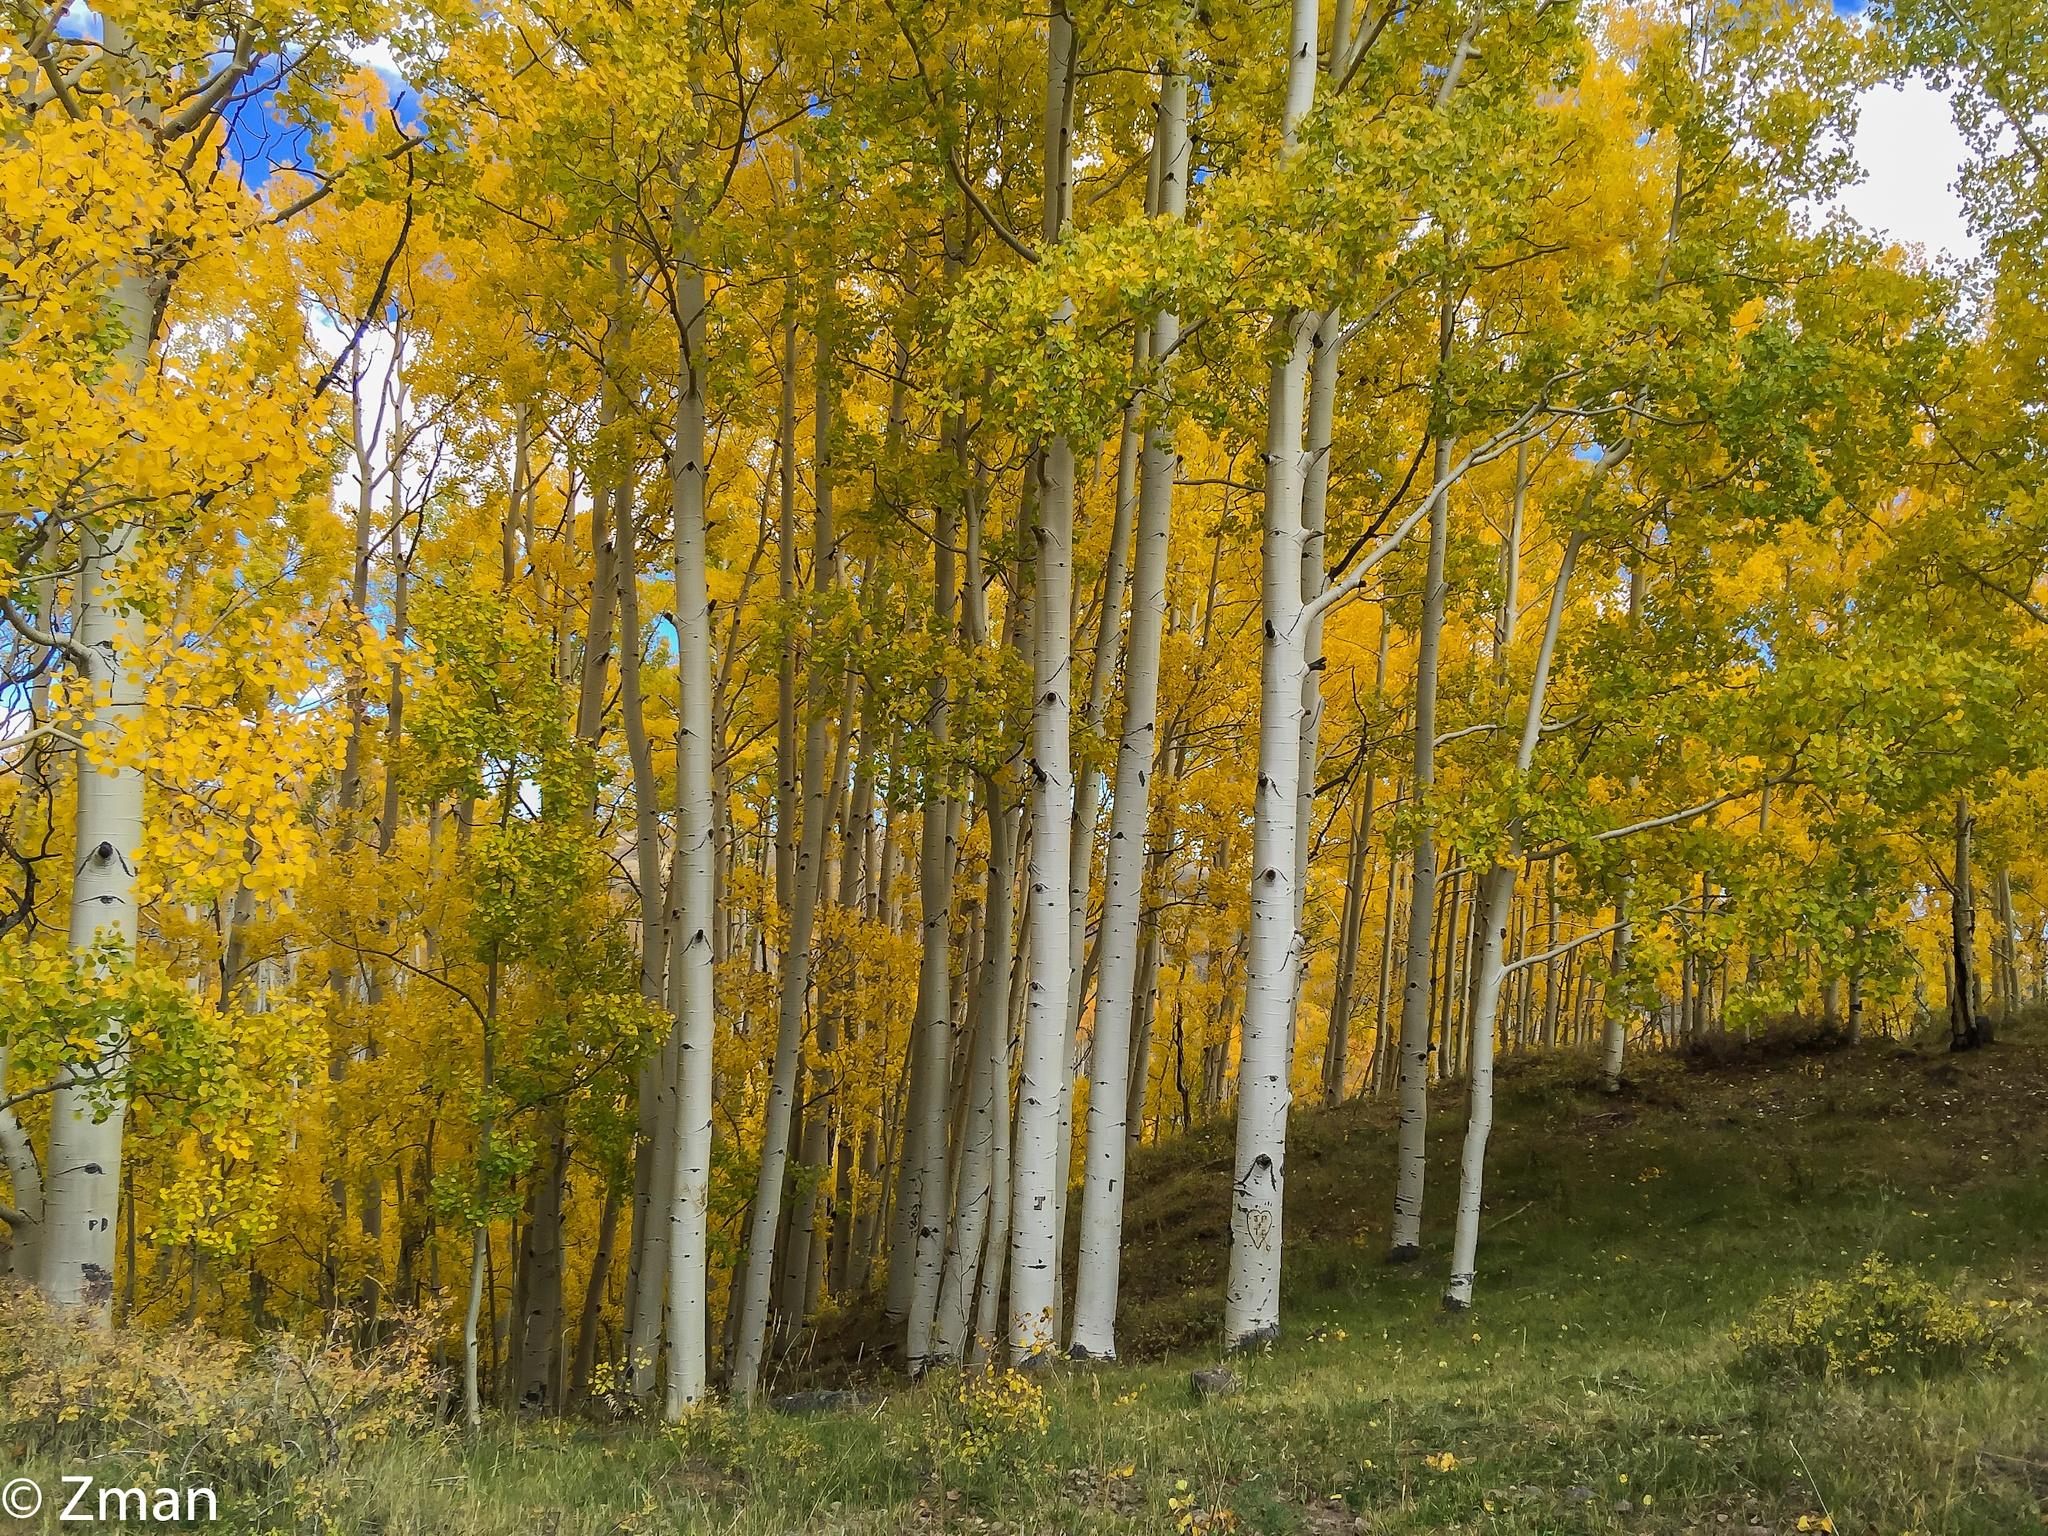 Aspen Trees by muhammad.nasser.963